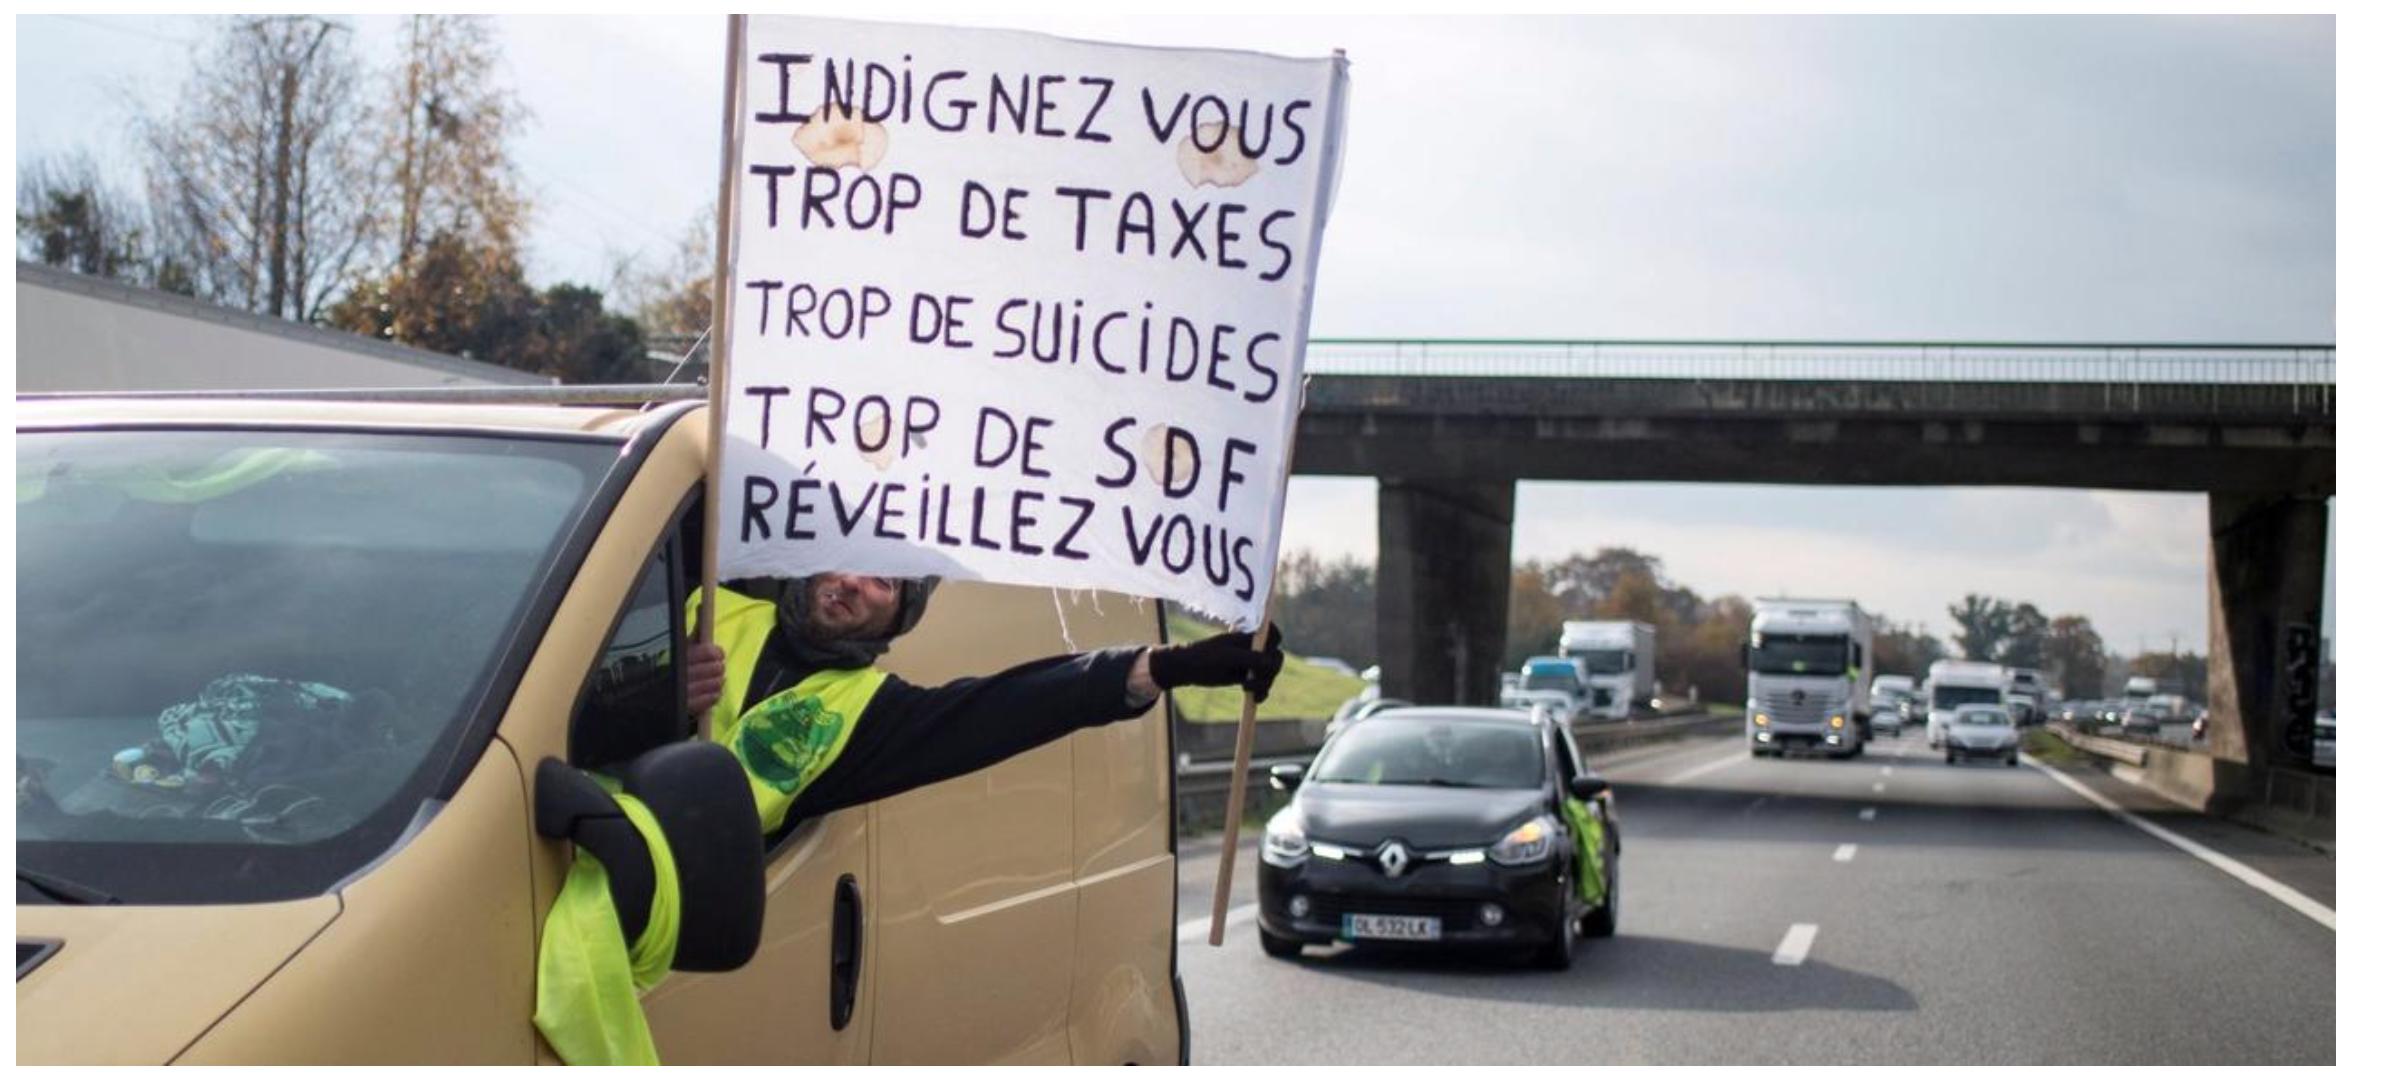 Macron a créé 11 impôts nouveaux ! 12 milliards d'euros pour payer l'immigration !